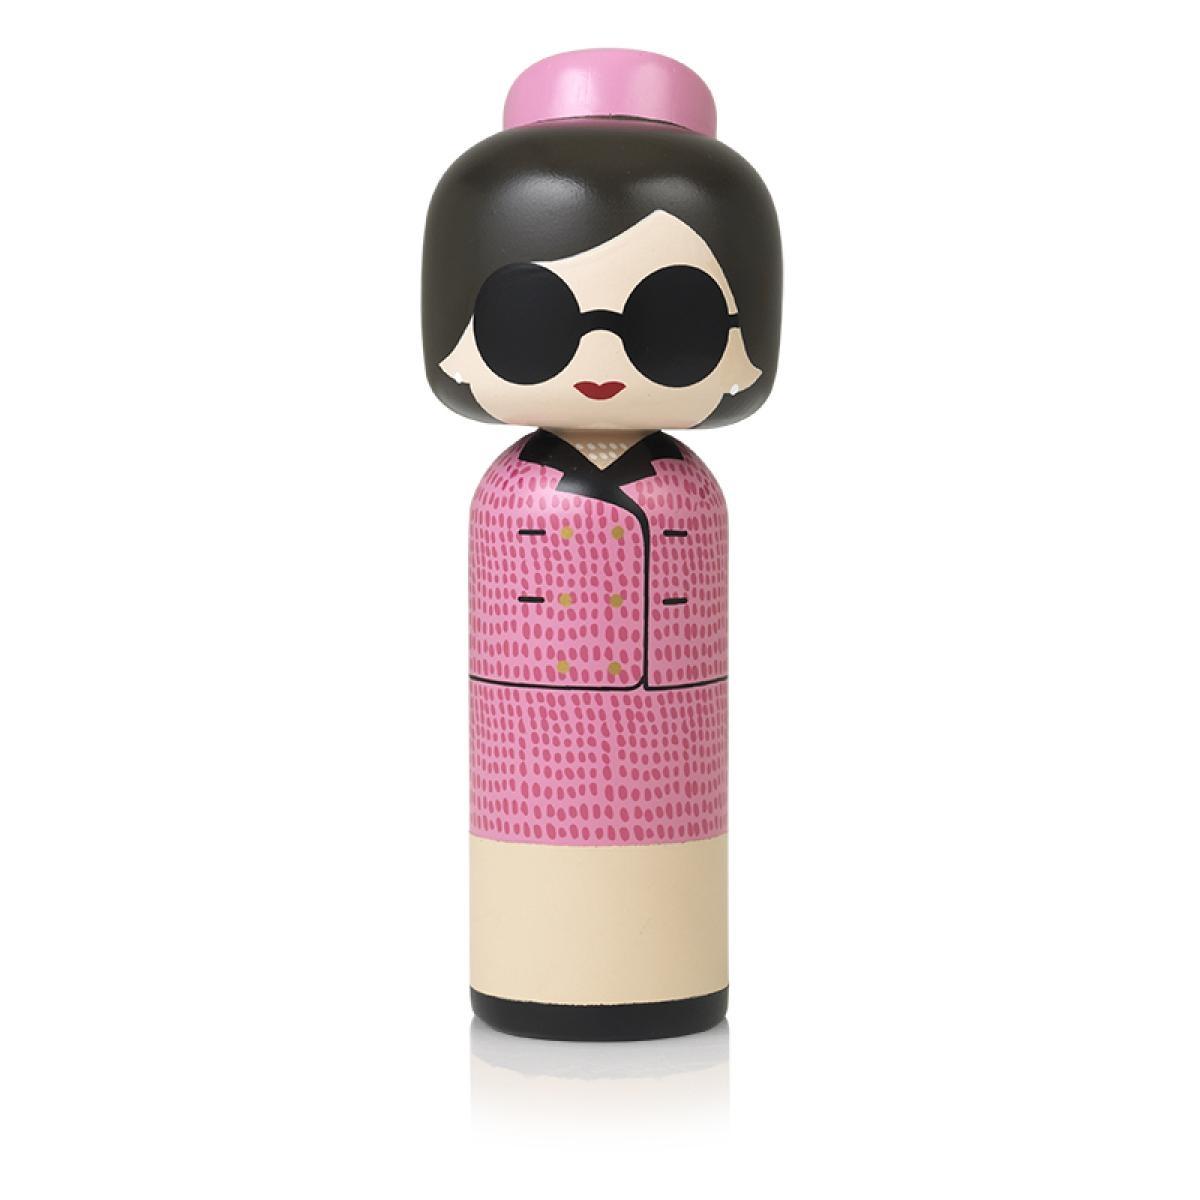 Lucie Kaas Jacky Kennedy Kokeshi Doll